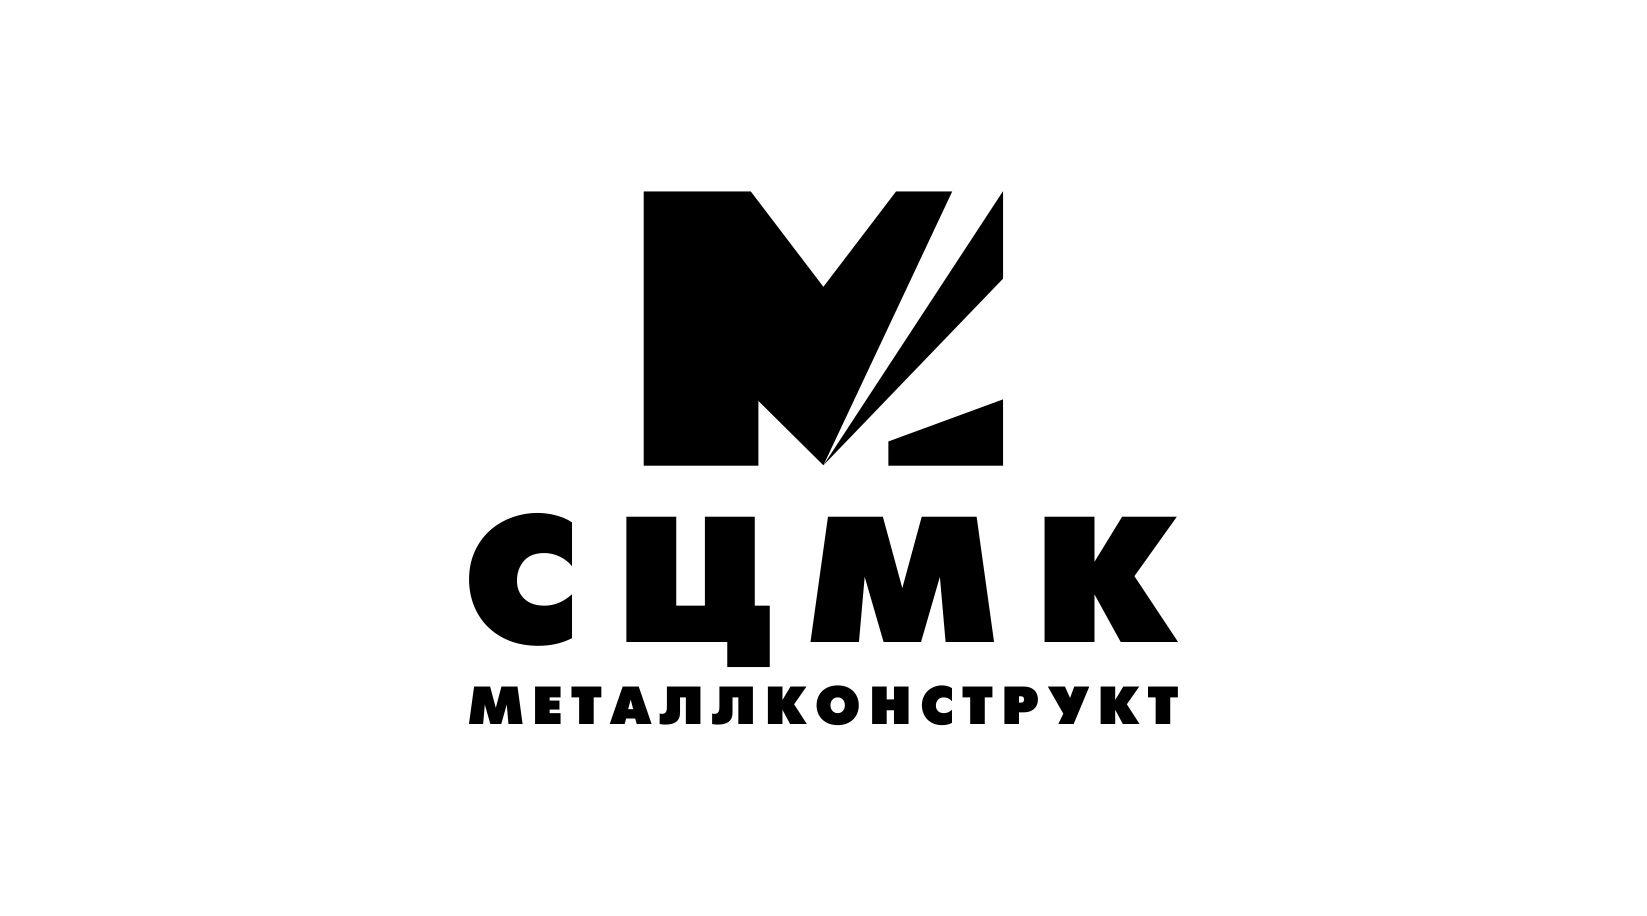 Разработка логотипа и фирменного стиля фото f_6125ae766f63f3f5.jpg